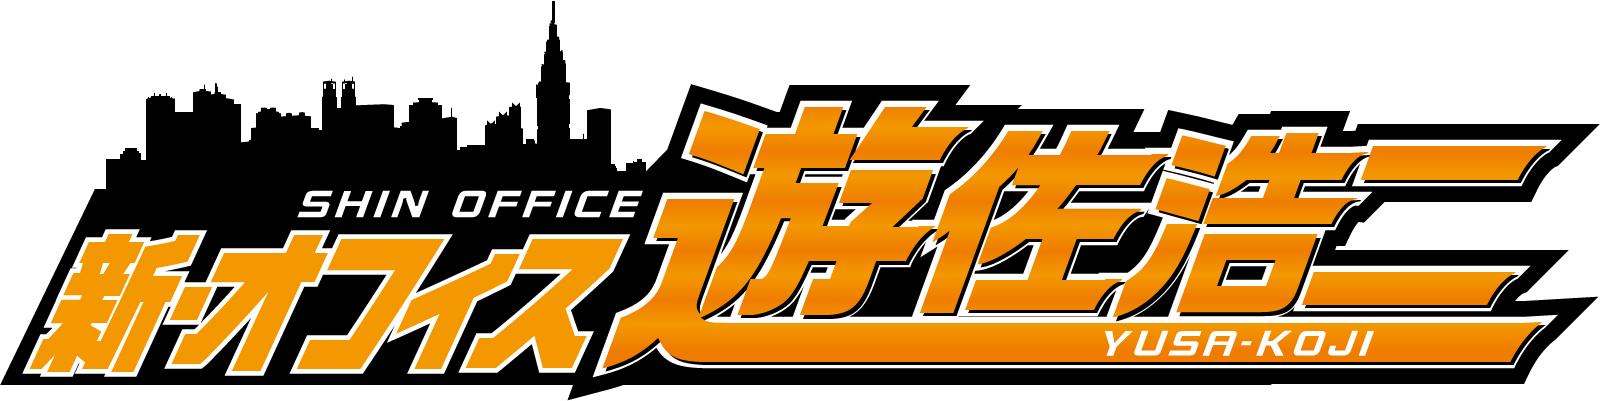 ラジオ番組「オフィス遊佐浩二」が新しくなって1年ぶりに復活!